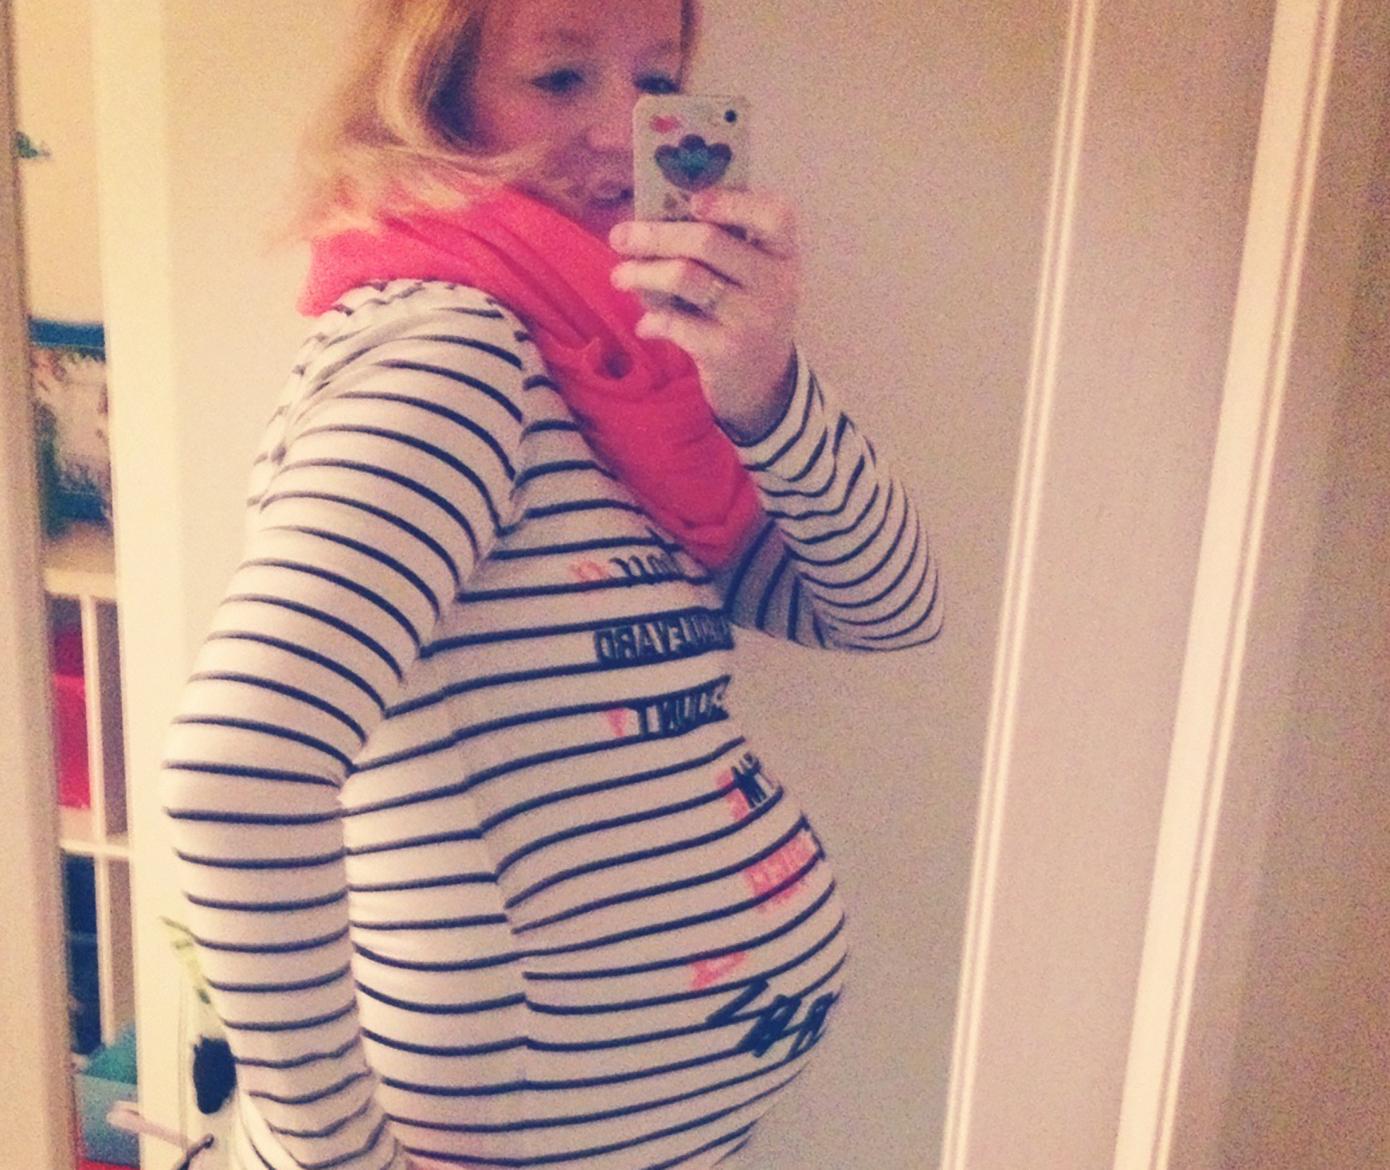 Wanneer vraag je of iemand zwanger is?